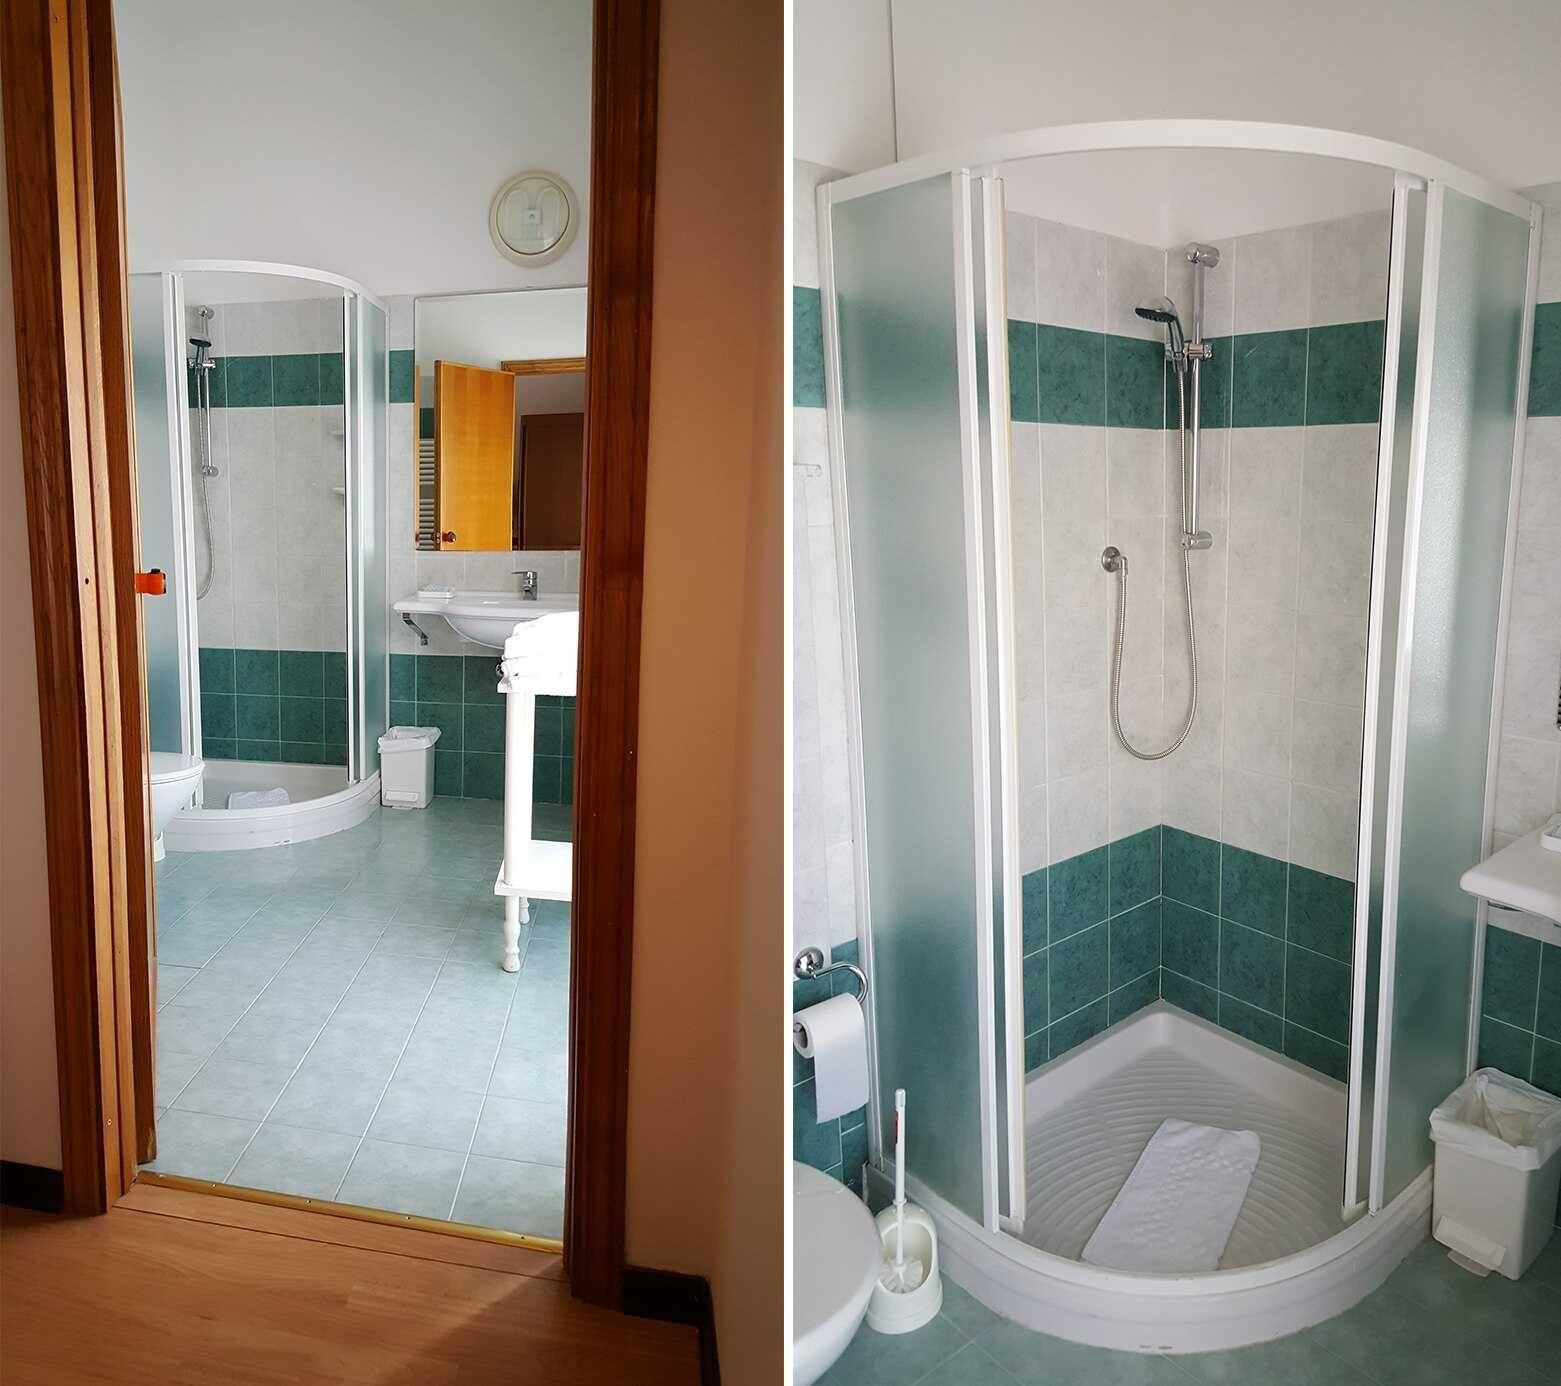 Soglia Marmo Porta Ingresso hotel accessible albergo angiolino, chianciano terme